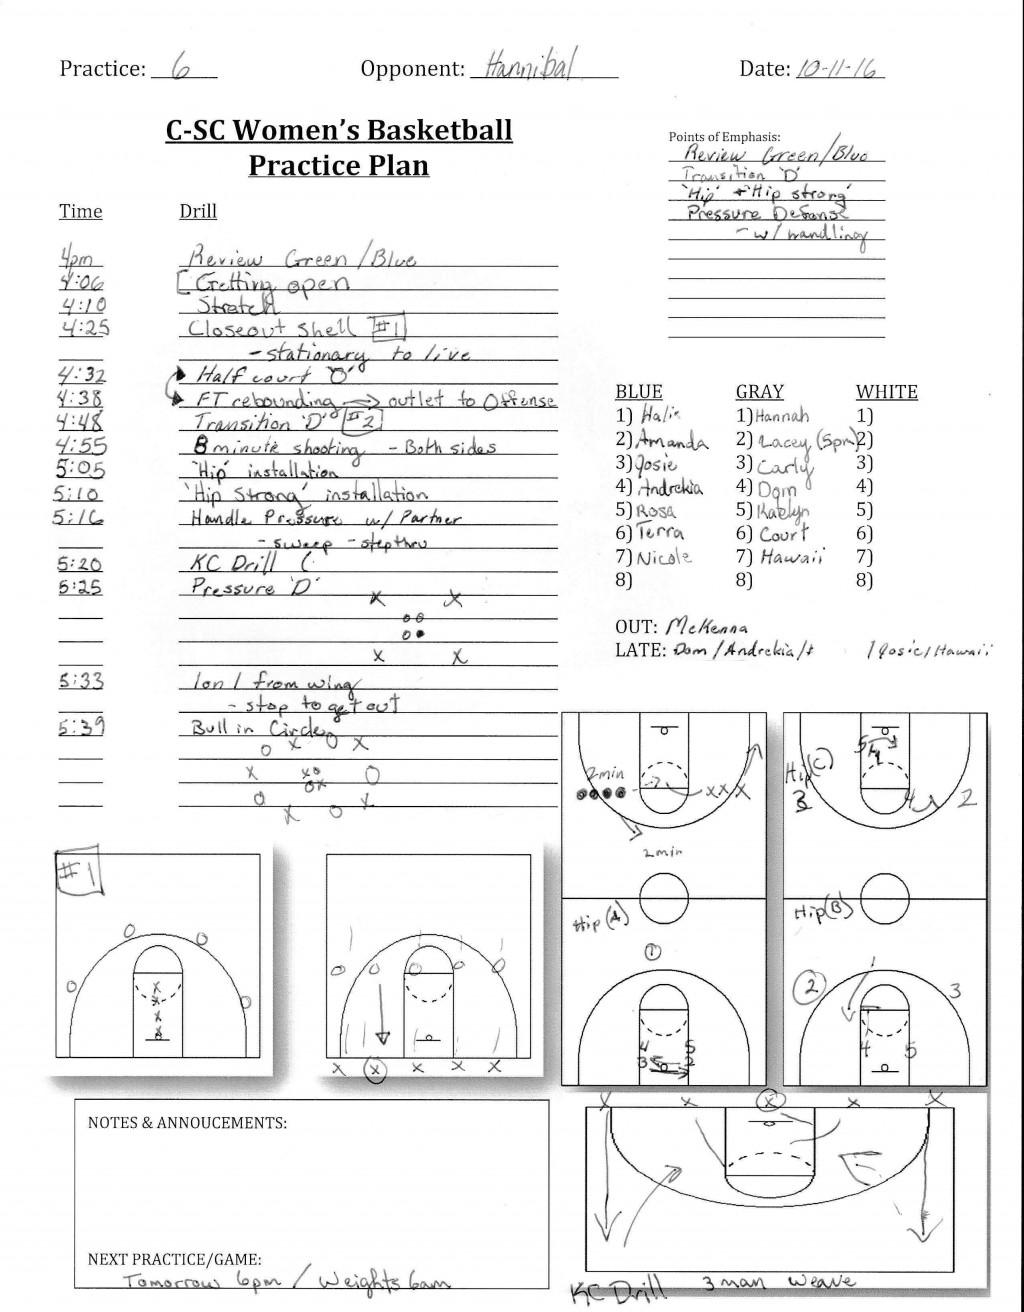 005 Beautiful Basketball Practice Plan Template Image  Doc Pdf Free PrintableLarge